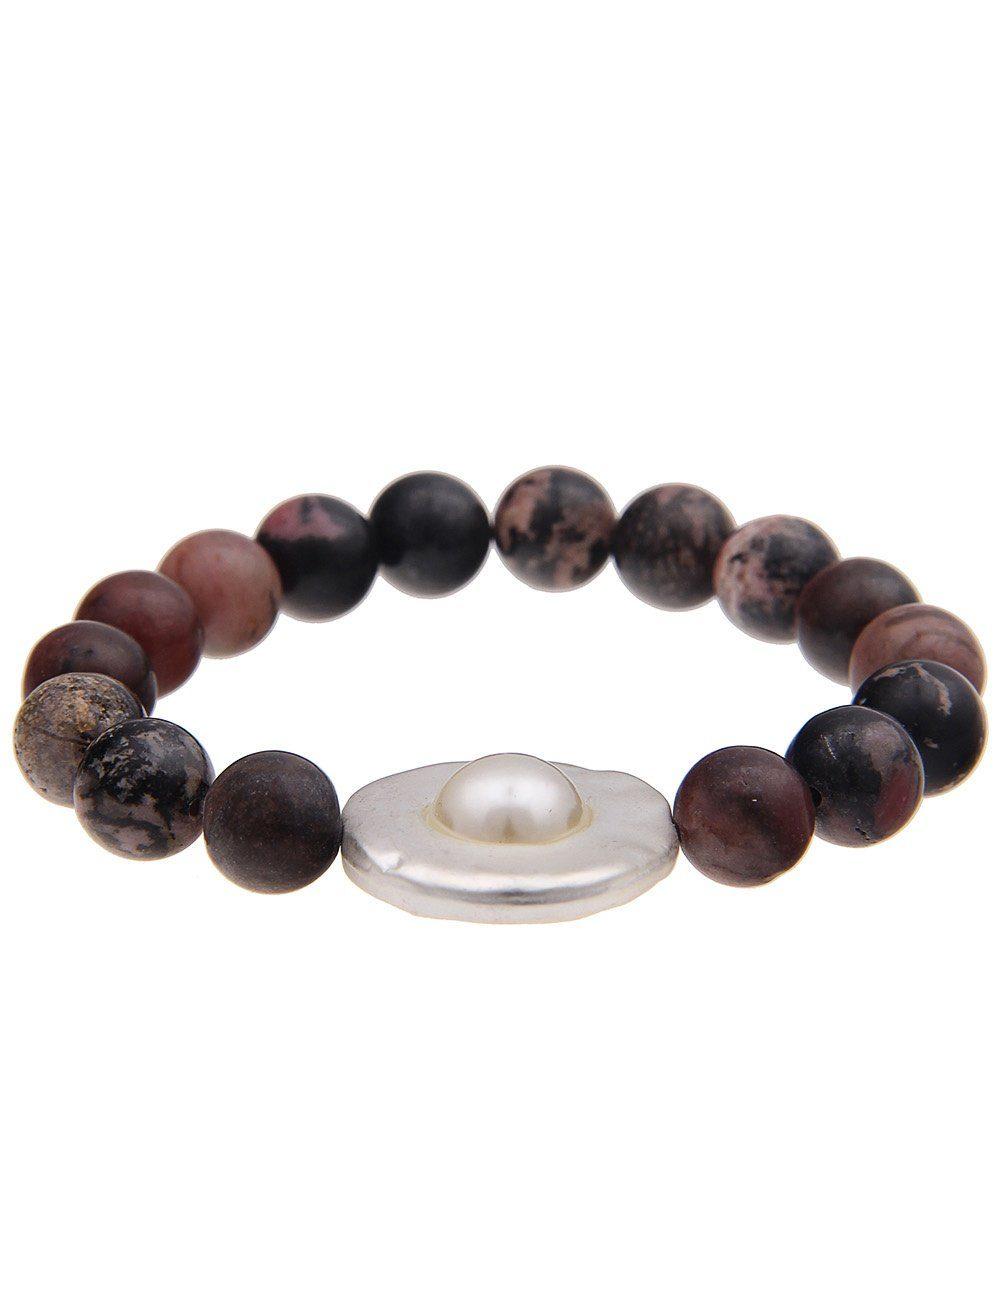 leslii Armband mit Natursteinen rot Damen Modeschmuck (nicht Echtschmuck) Perlenarmbänder Armbänder Schmuck 4250980351401